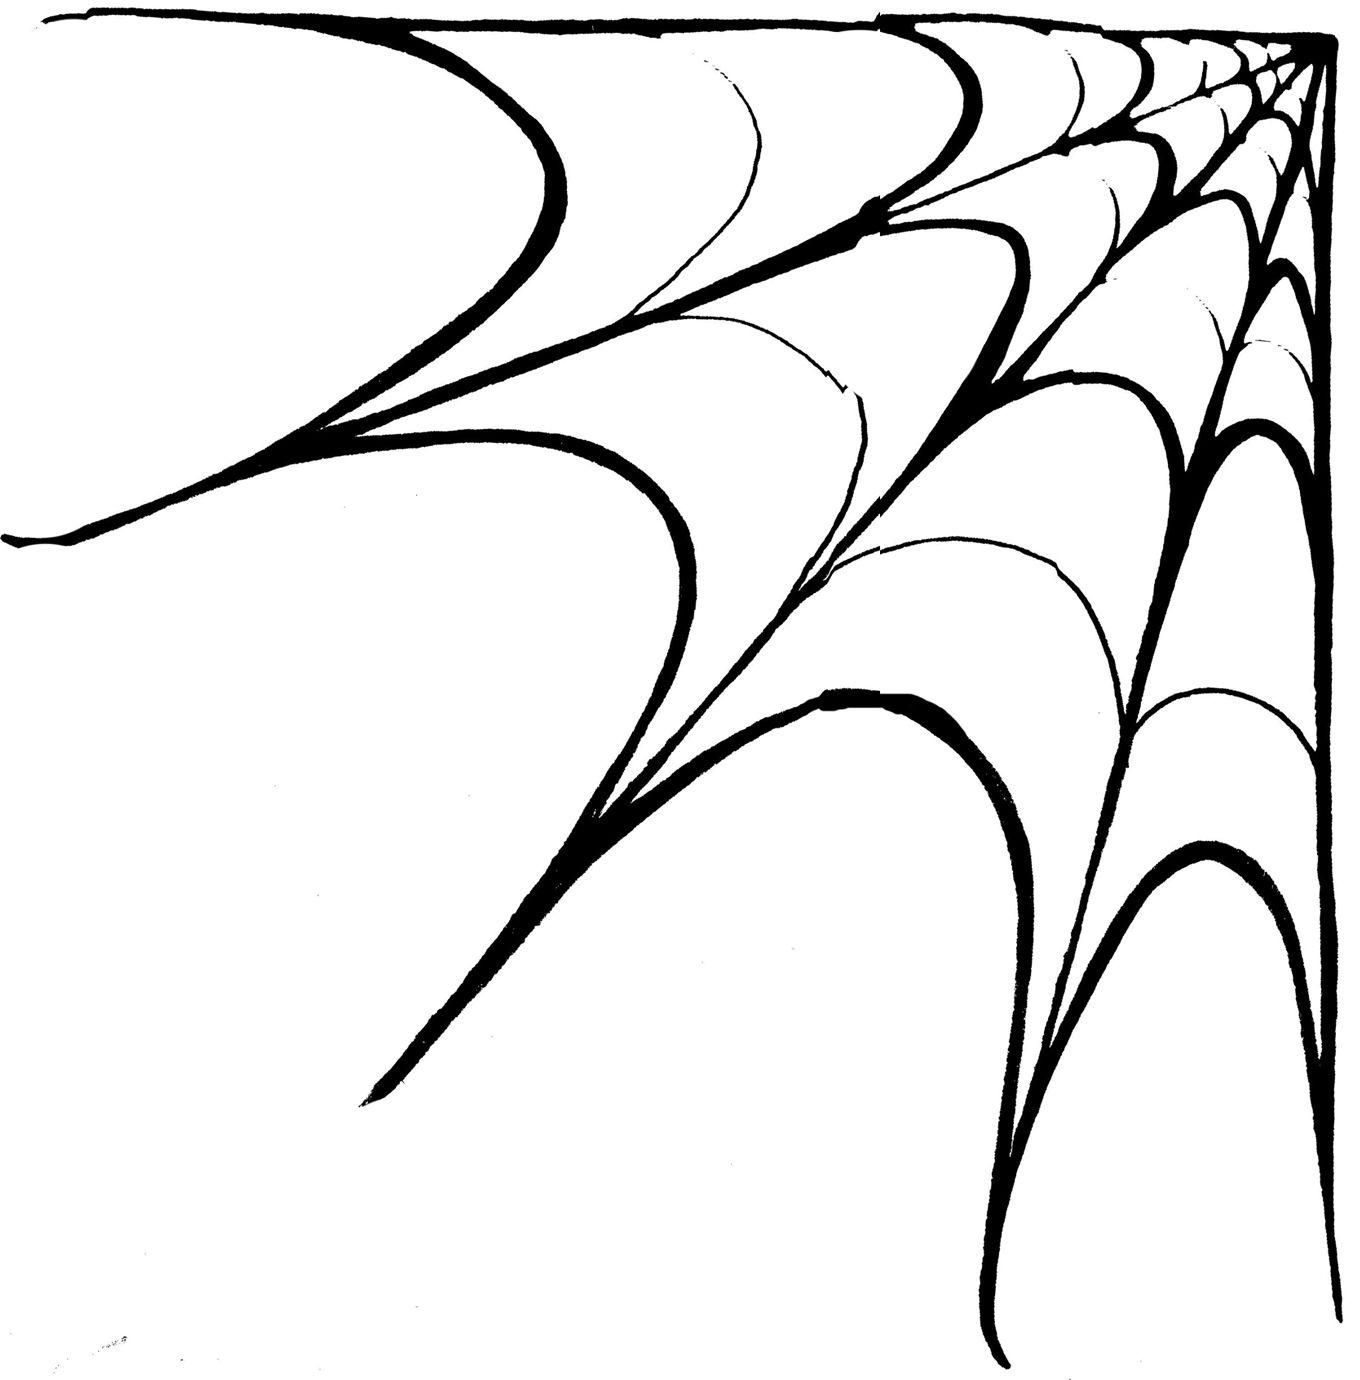 corner spider web clipart jcx5nlmcejpeg 13601380 - Spider Web Halloween